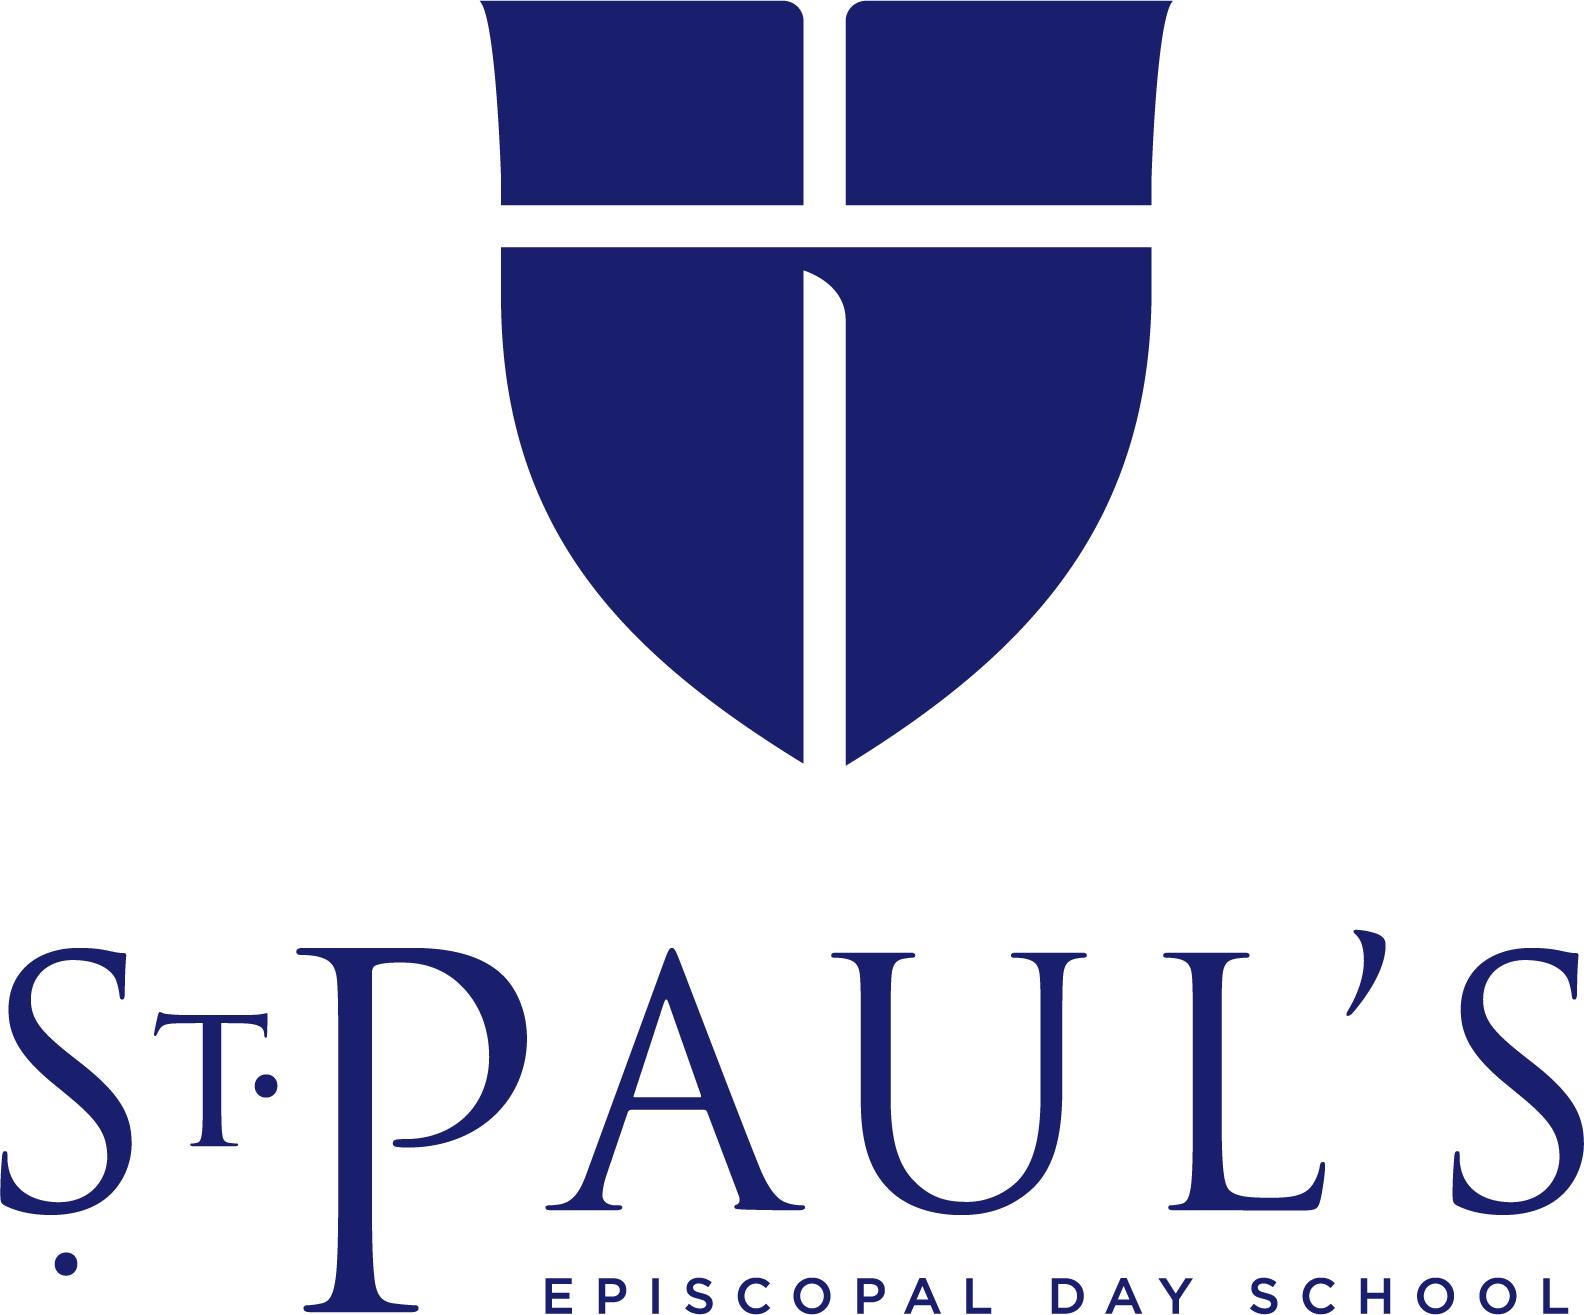 St Paul's Episcopal Day School